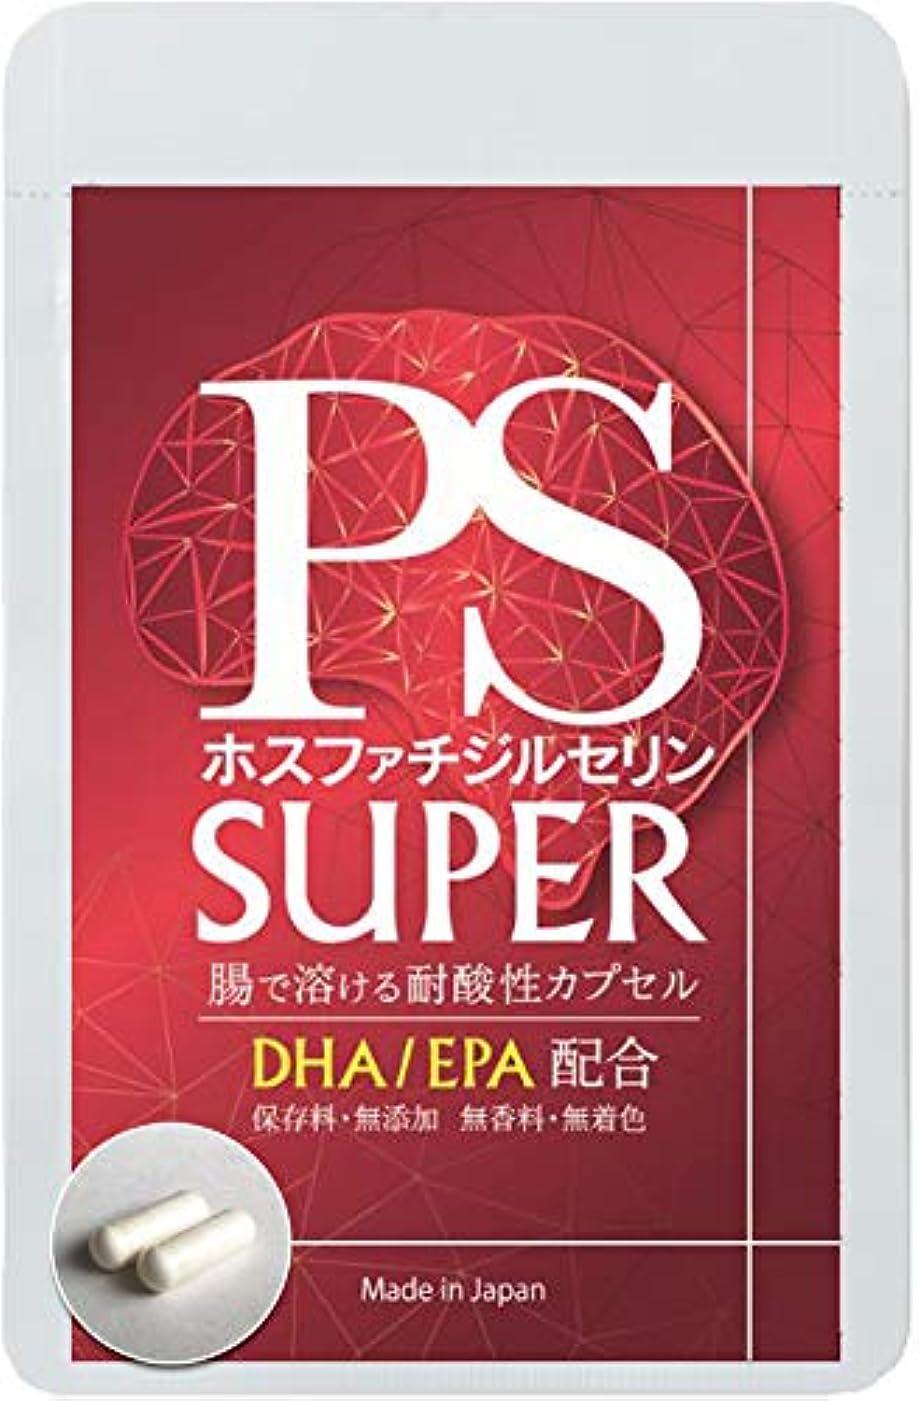 模倣コロニー仮称ホスファチジルセリン サプリ PS1日100mg 1ヶ月分 DHA EPA配合 子供から大人まで腸まで届く腸溶カプセル使用!国産 国内製造PSサプリメント